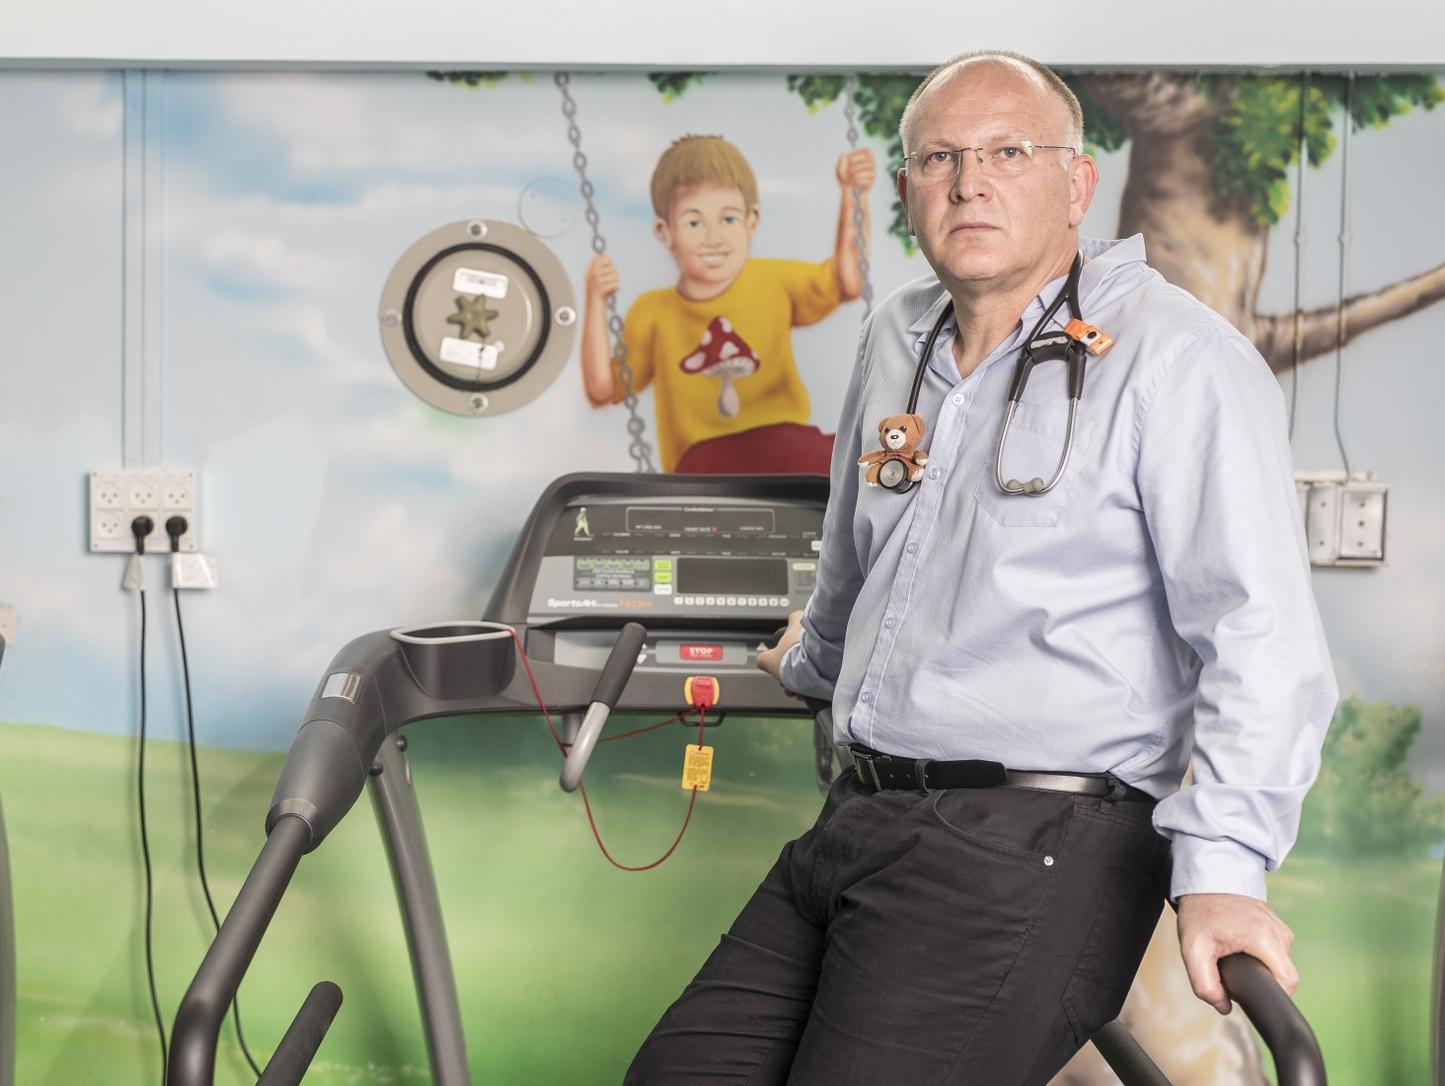 פרופ' דני נמט מונה למנהל הרפואי של הוועד האולימפי בישראל